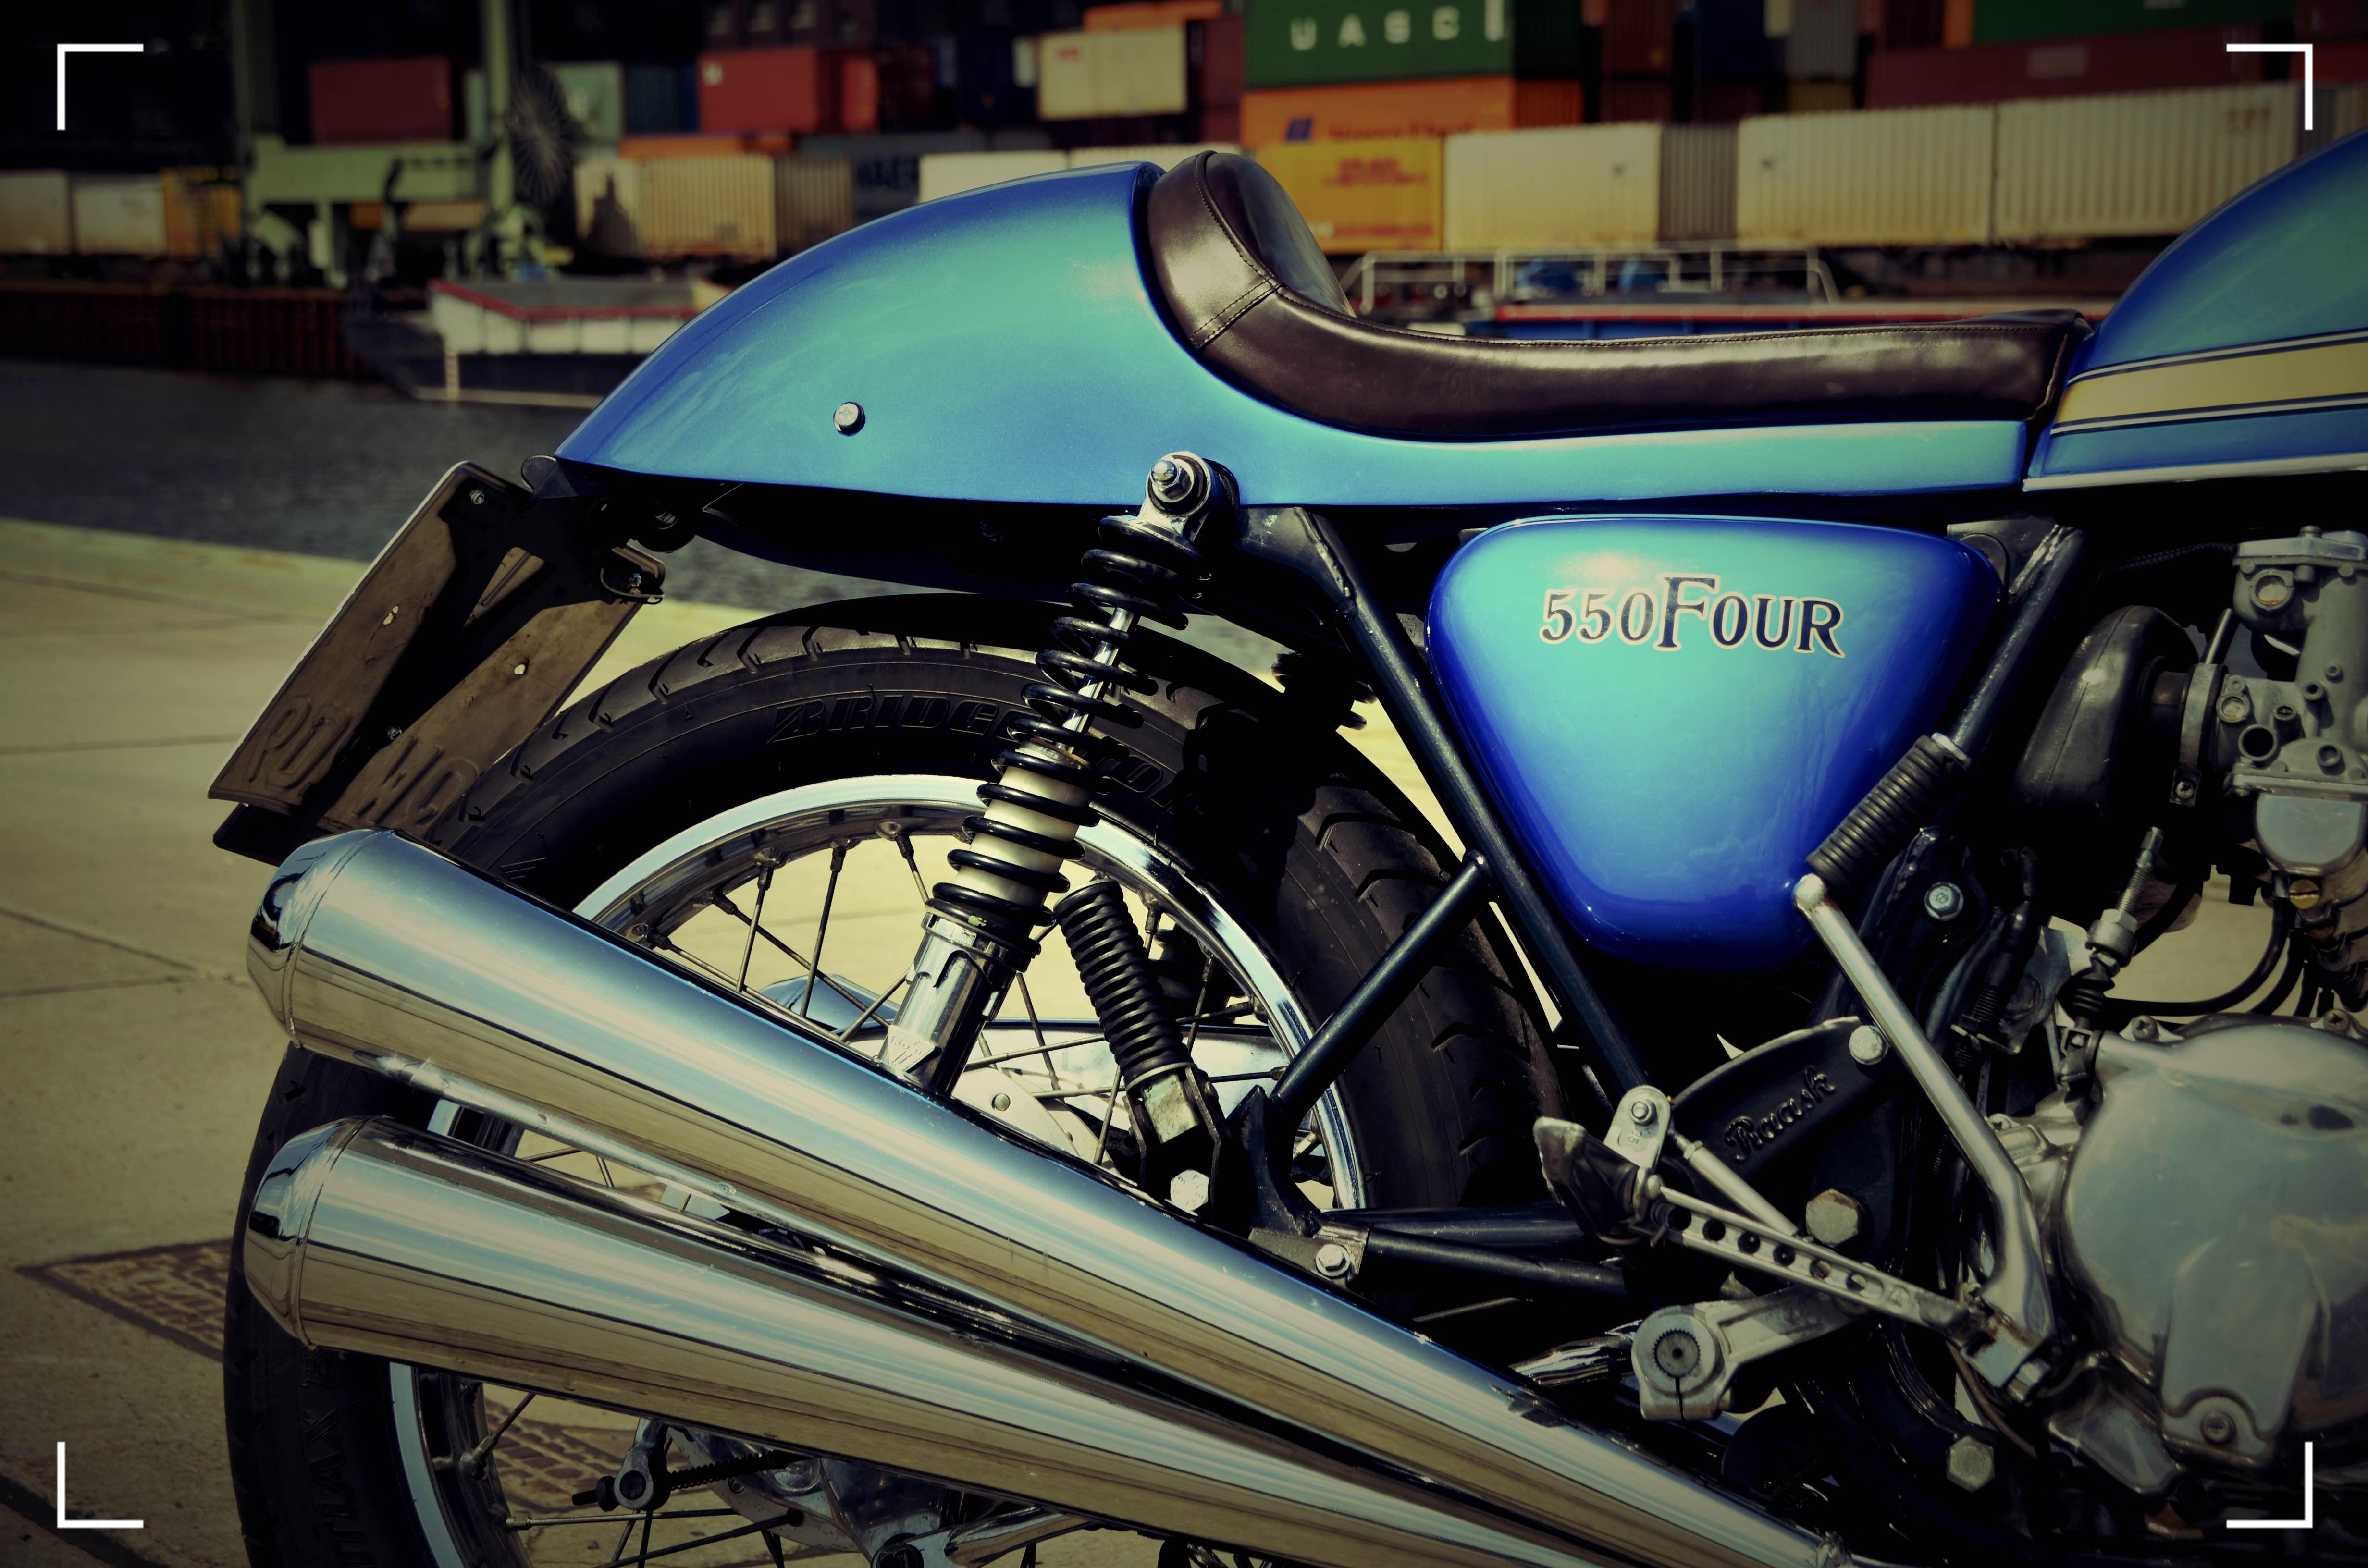 Honda CB 550 Four Cafe Racer 69 (4)